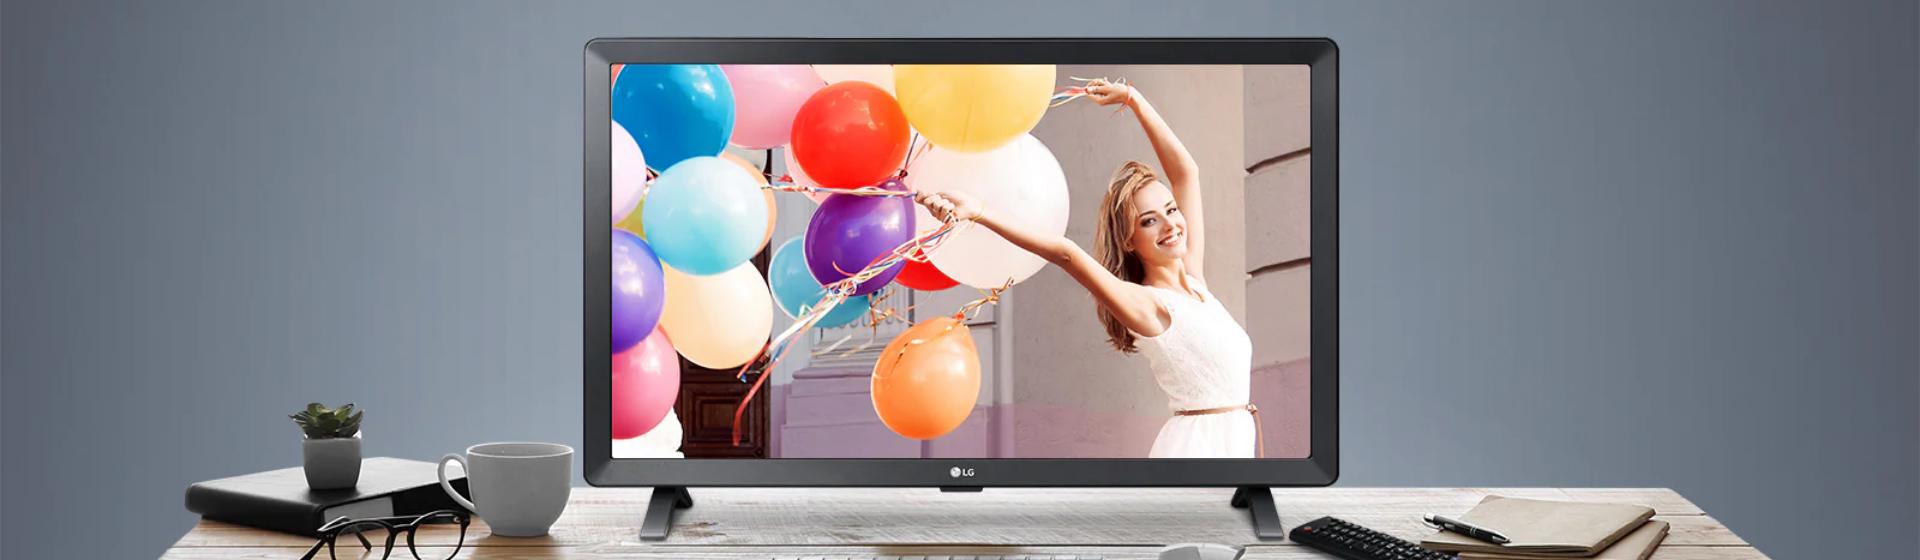 LG 24TL520S: vale a pena comprar essa smart TV?